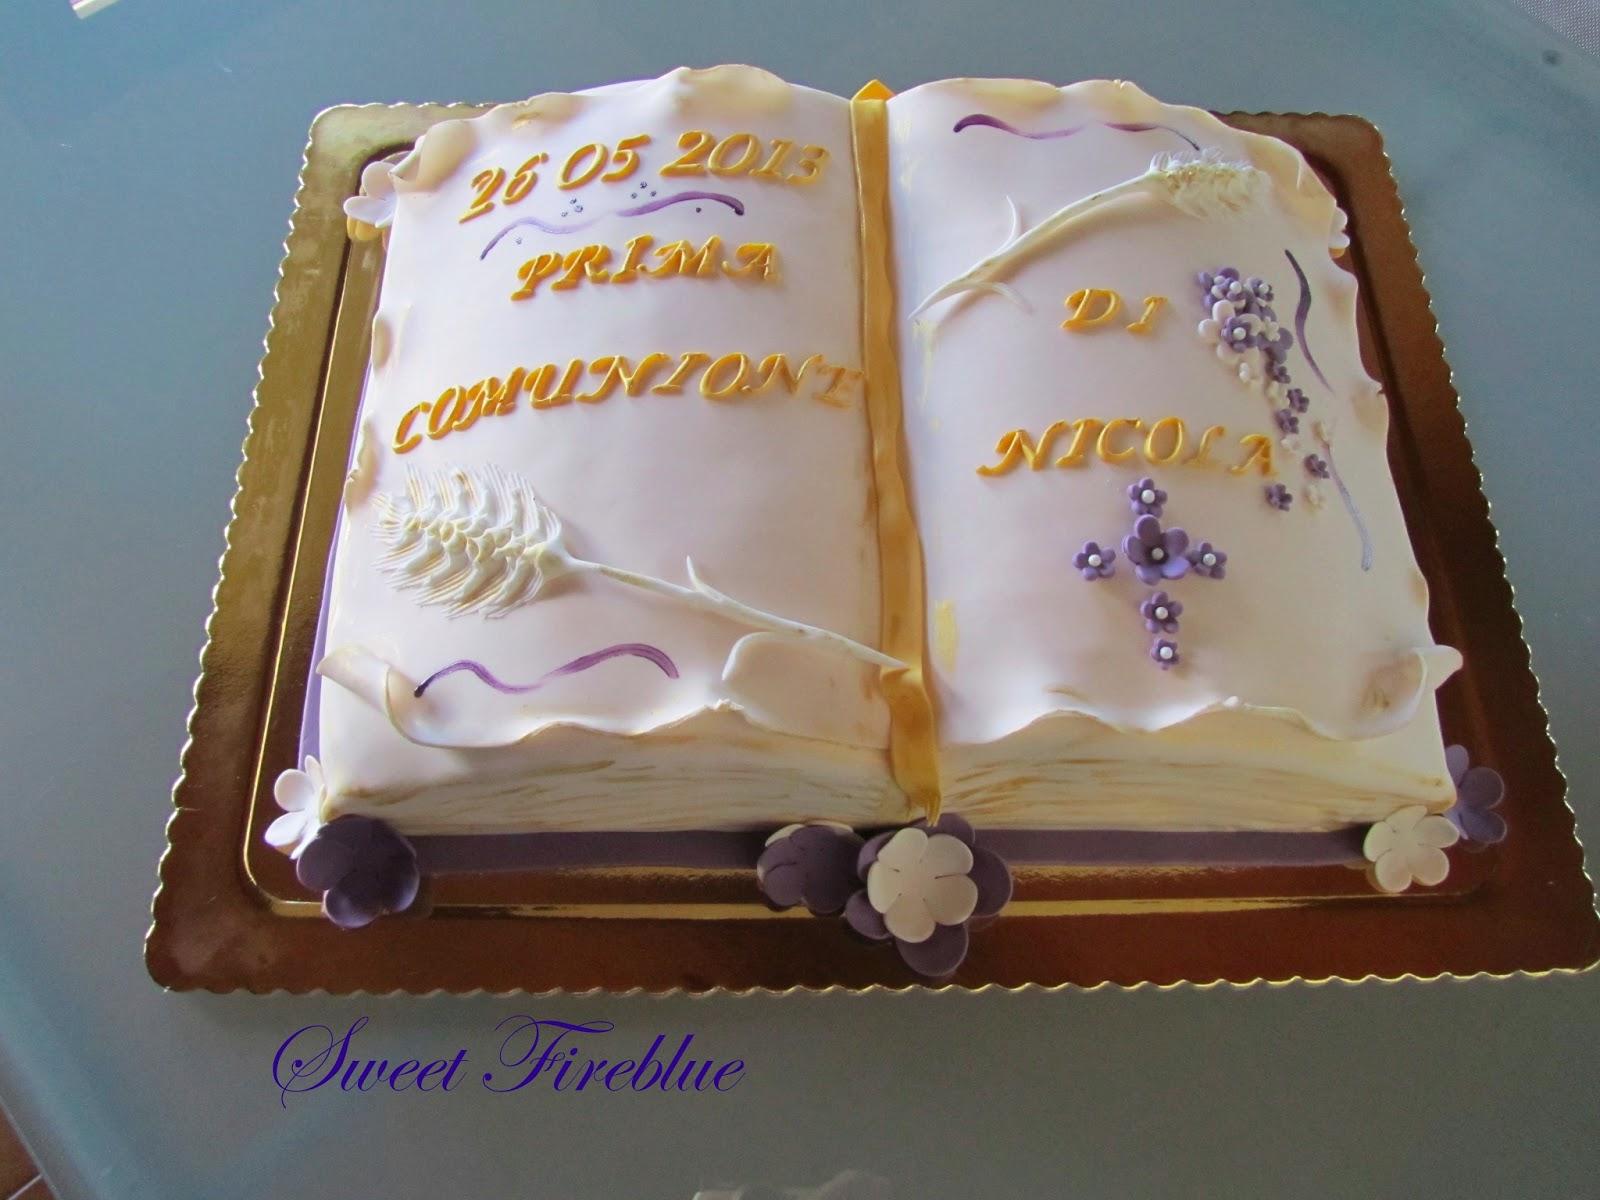 Sweet fireblue una torta libro per la comunione for Piani domestici a forma di t